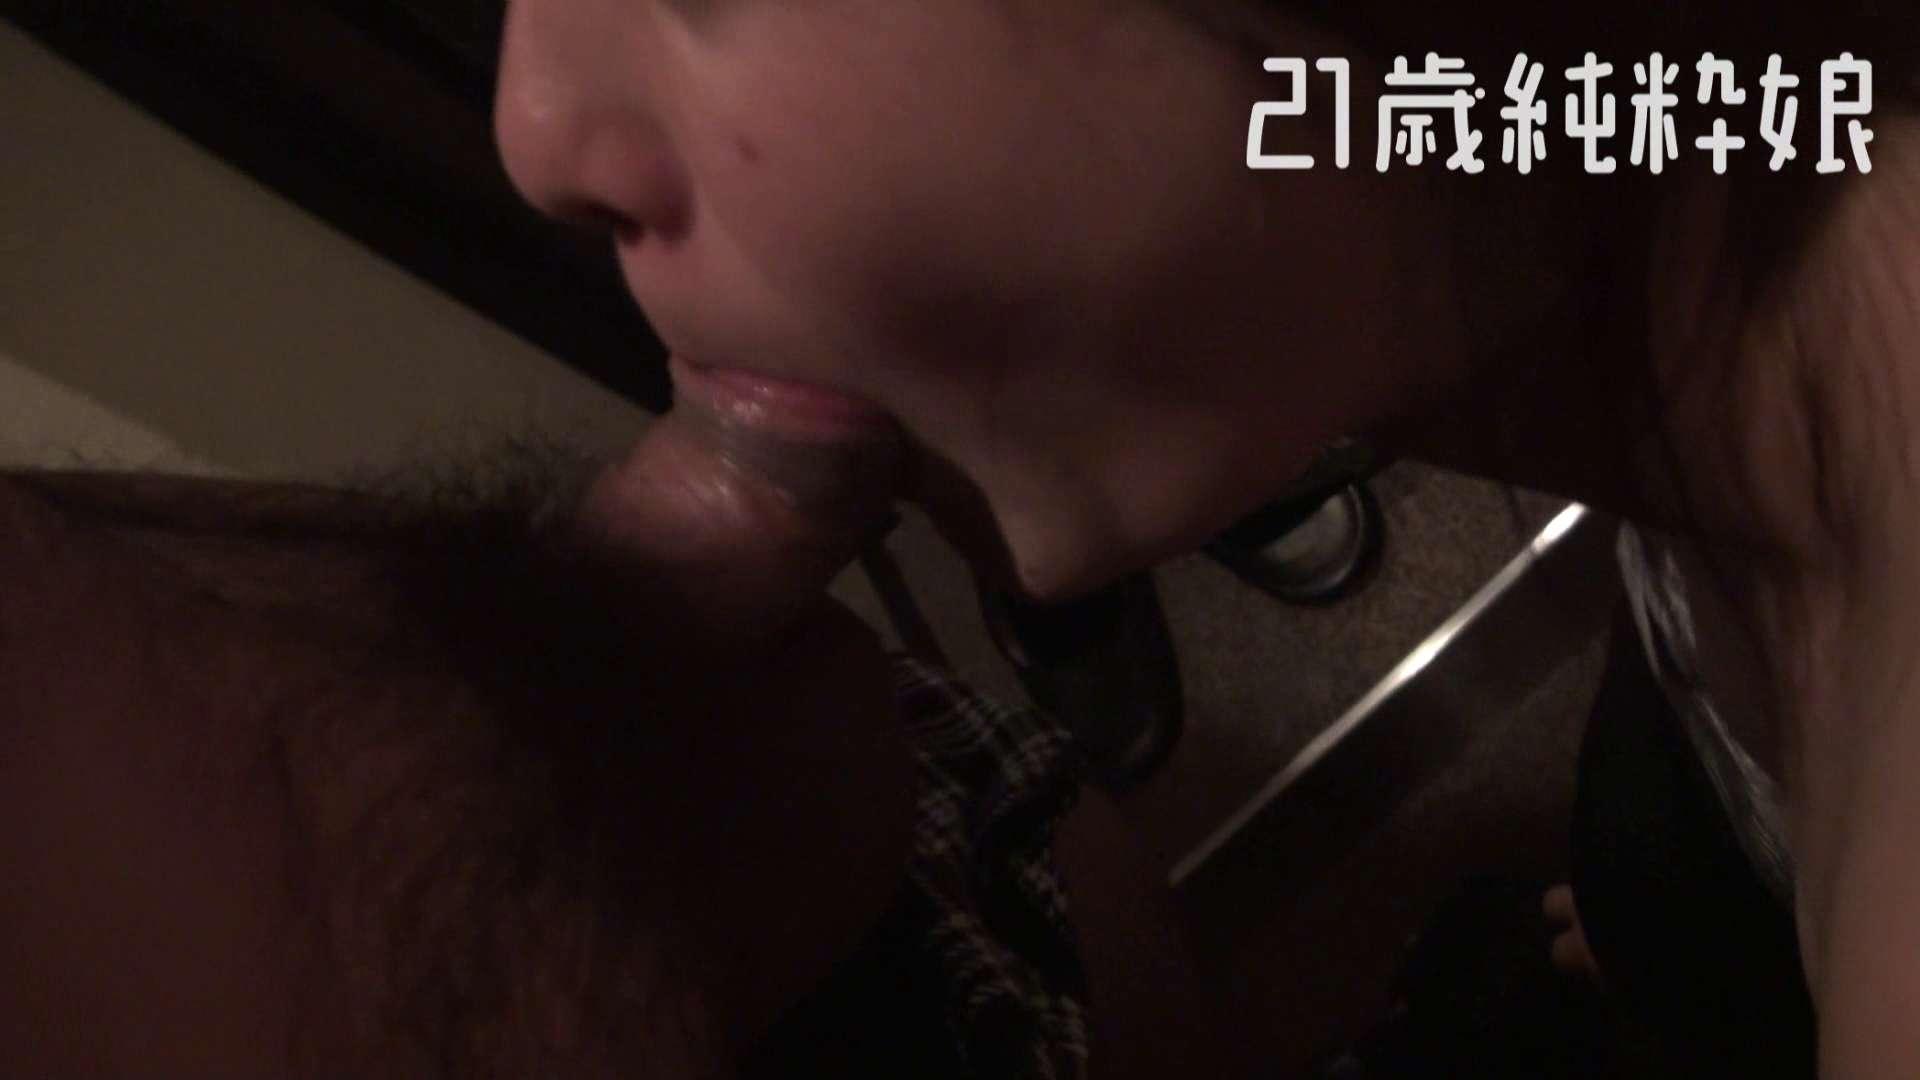 無修正ヌード 上京したばかりのGカップ21歳純粋嬢を都合の良い女にしてみた 大奥